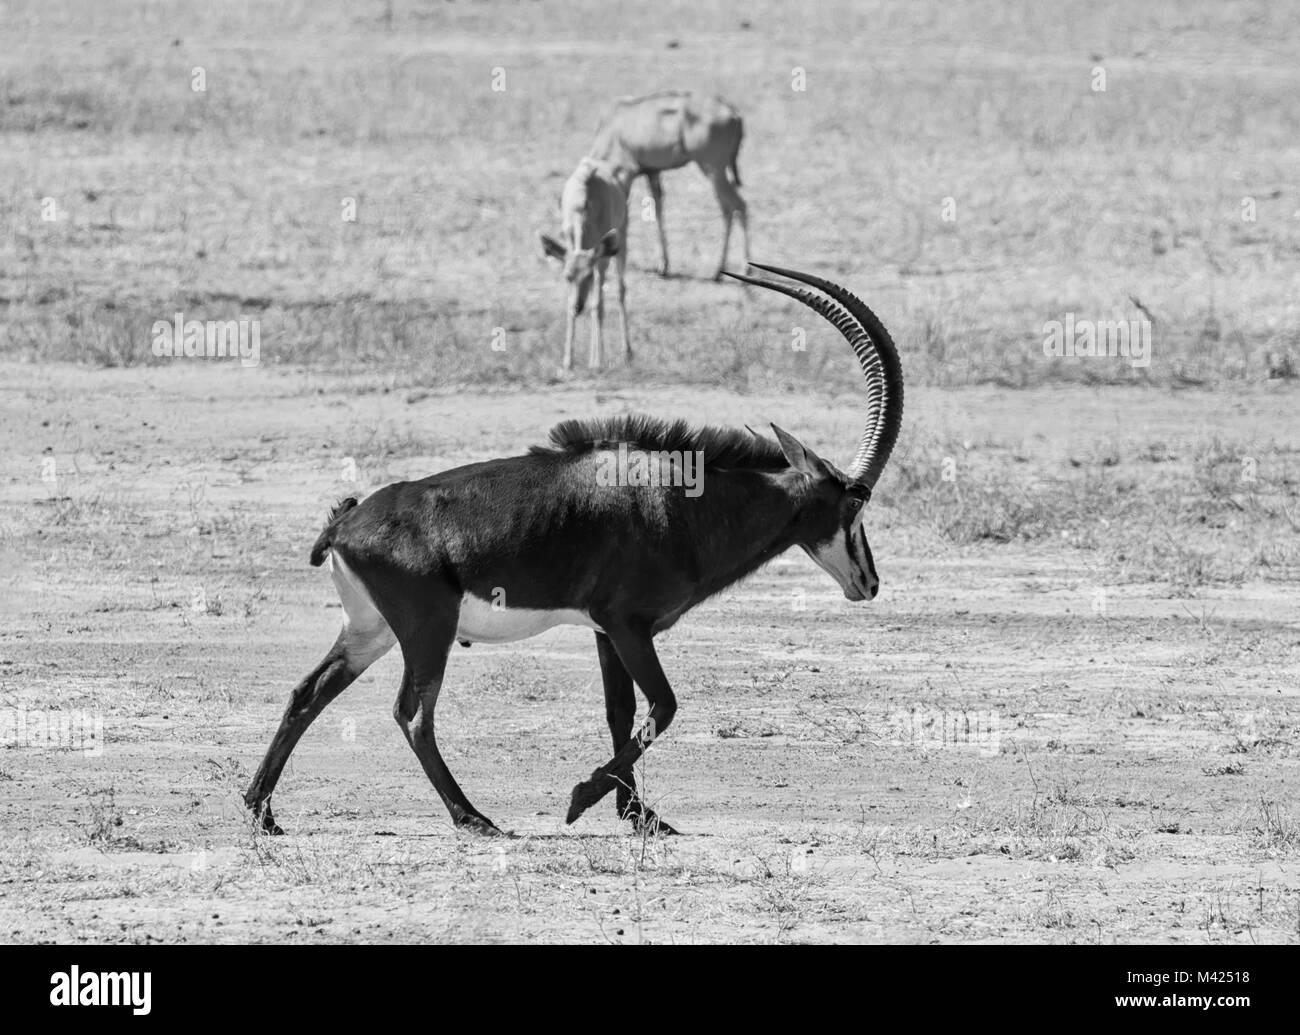 Отодрал как антилопу